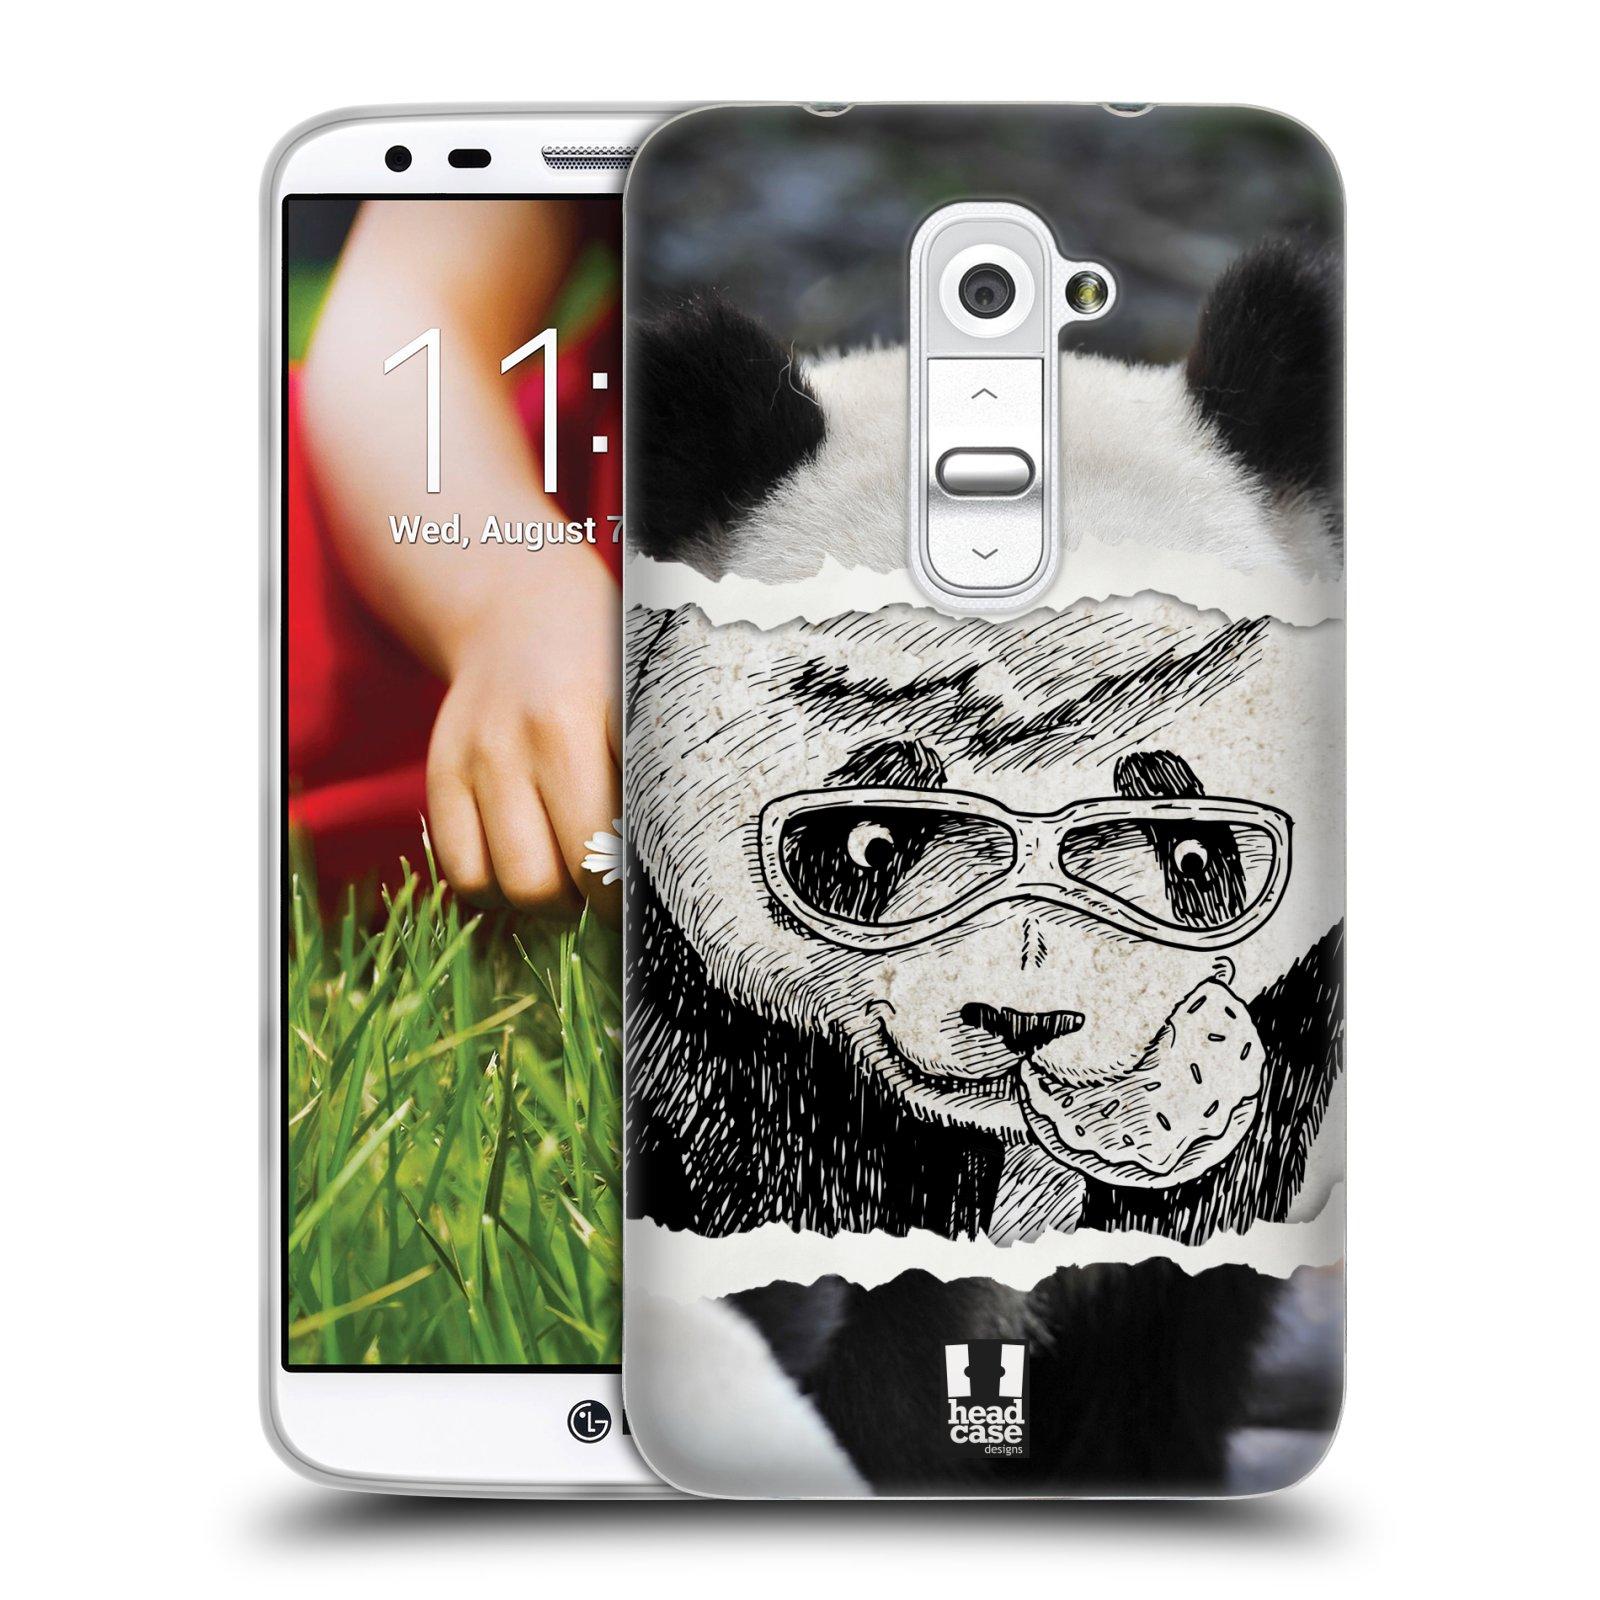 HEAD CASE silikonový obal na mobil LG G2 vzor zvířata koláž roztomilá panda